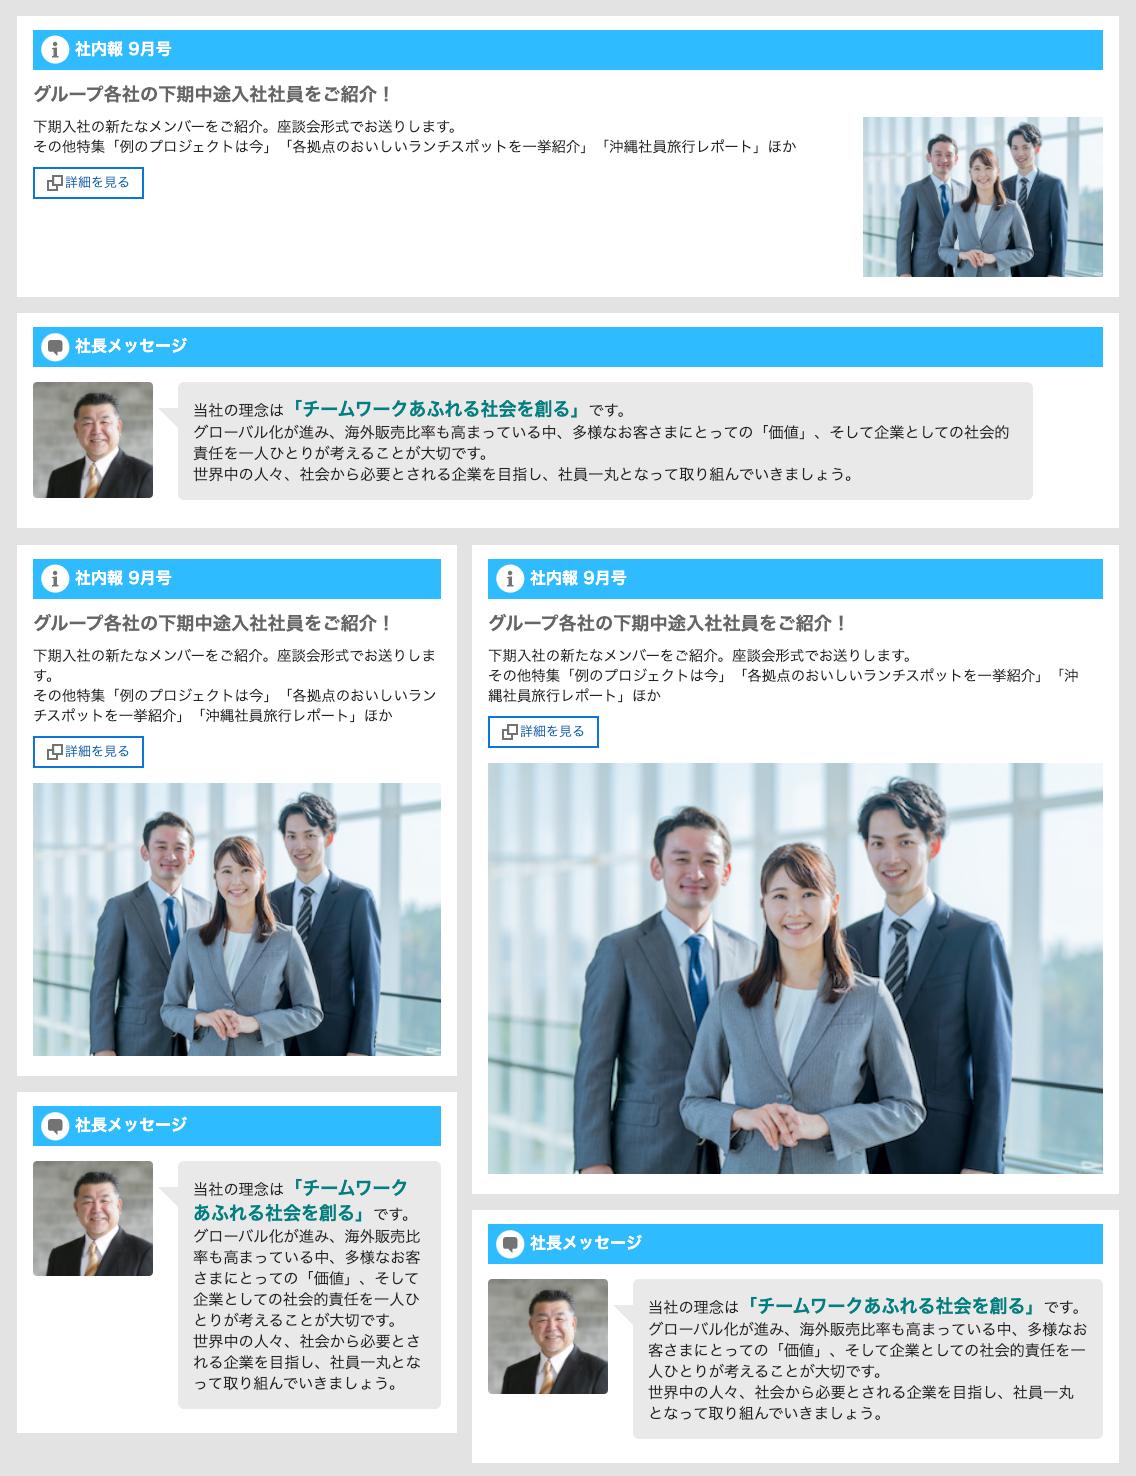 https://enterprise.cybozu.co.jp/portal-responsive-sample.png